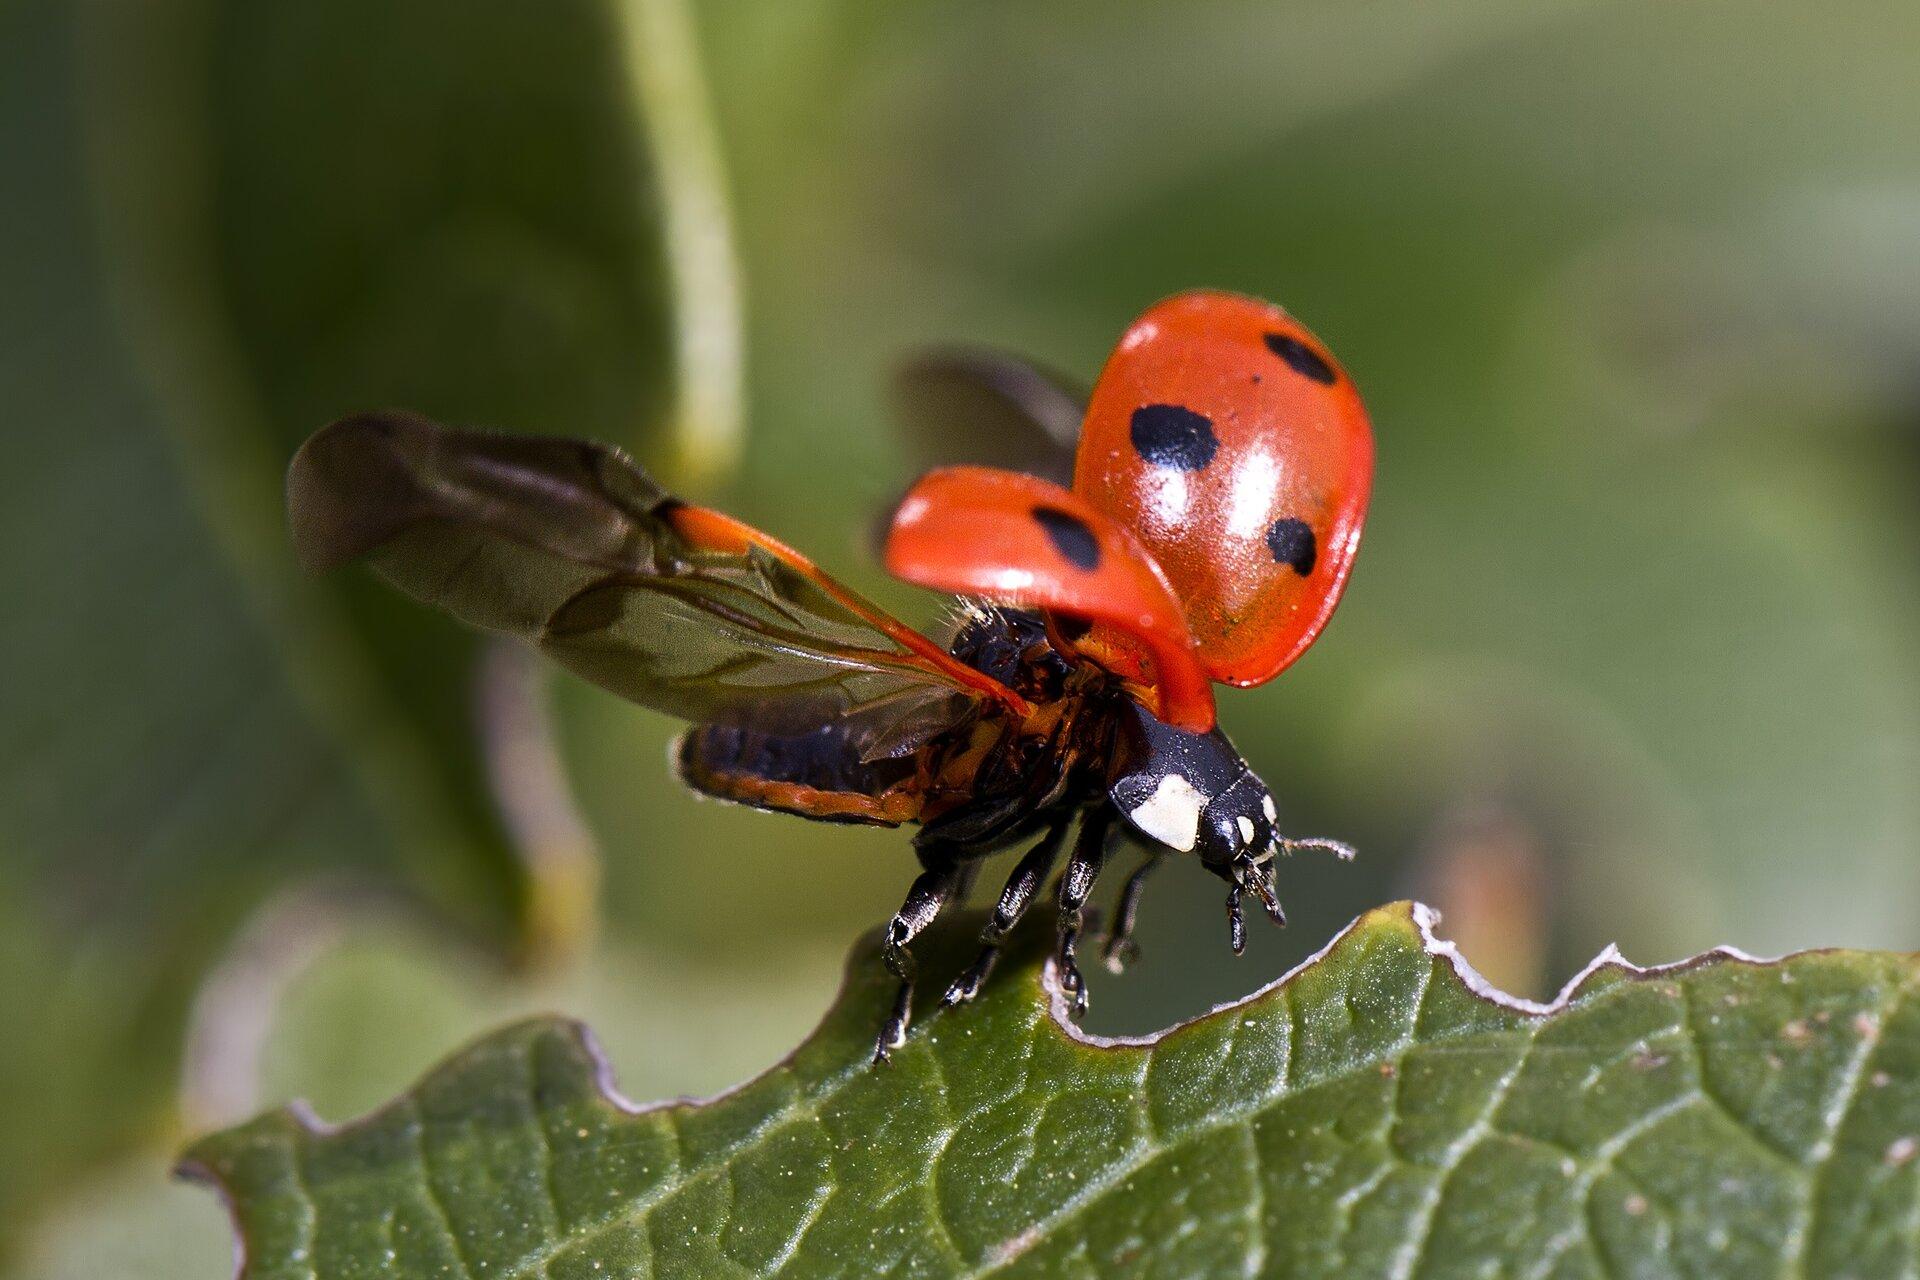 Fotografia biedronki zrywającej się do lotu. Zwierzę jest skierowane wprawą stronę zdjęcia, siedzi na krawędzi liścia. Ciało jest czarne, zbiałymi plamami wprzedniej części. Skrzydła są rozpostarte. Przednie skrzydła są twarde imają kształt ćwierci kuli. Są czerwone wdużymi czarnymi plamami. Tylne skrzydła są przezroczyste idwukrotnie dłuższe od przednich.